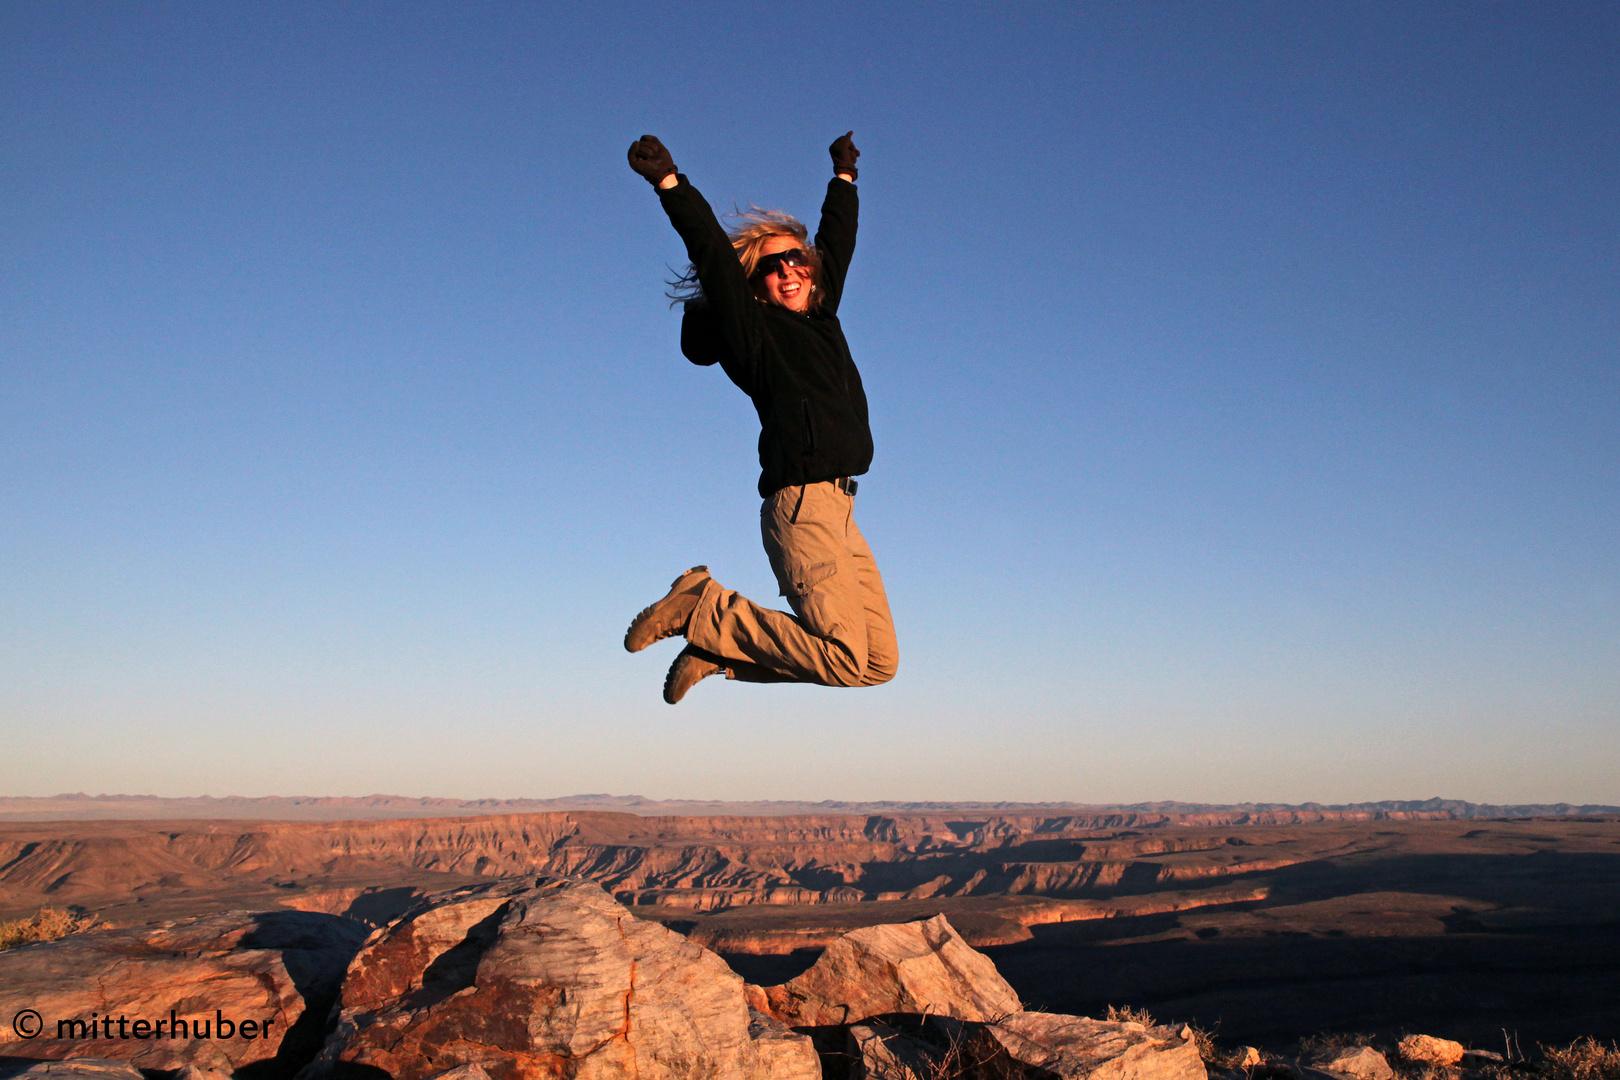 ...jump!